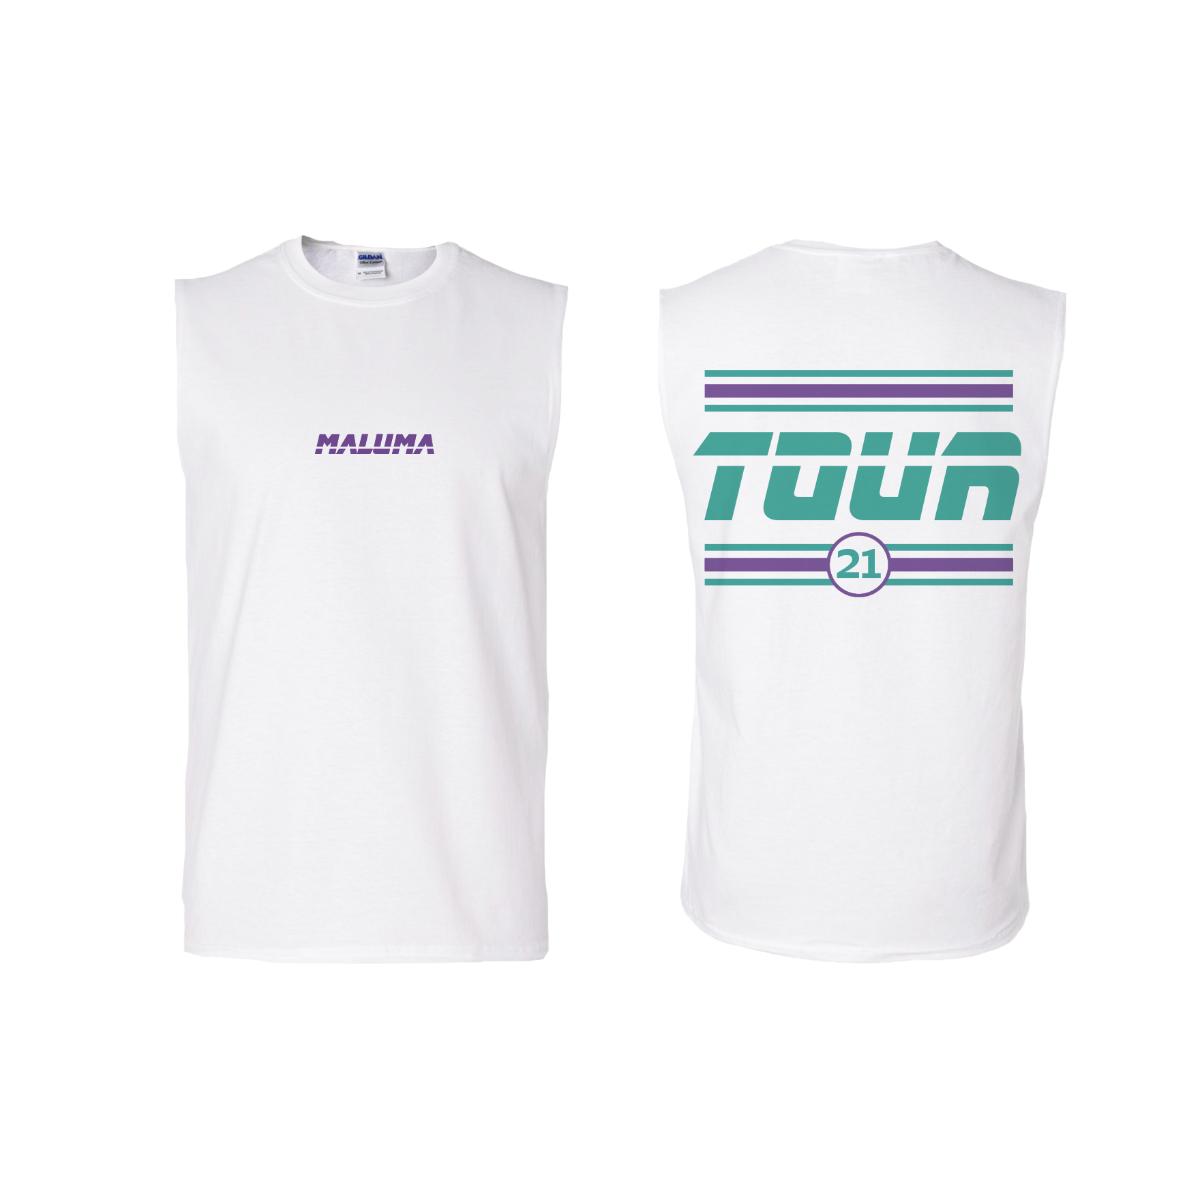 Maluma 21 Tour White Unisex Tank